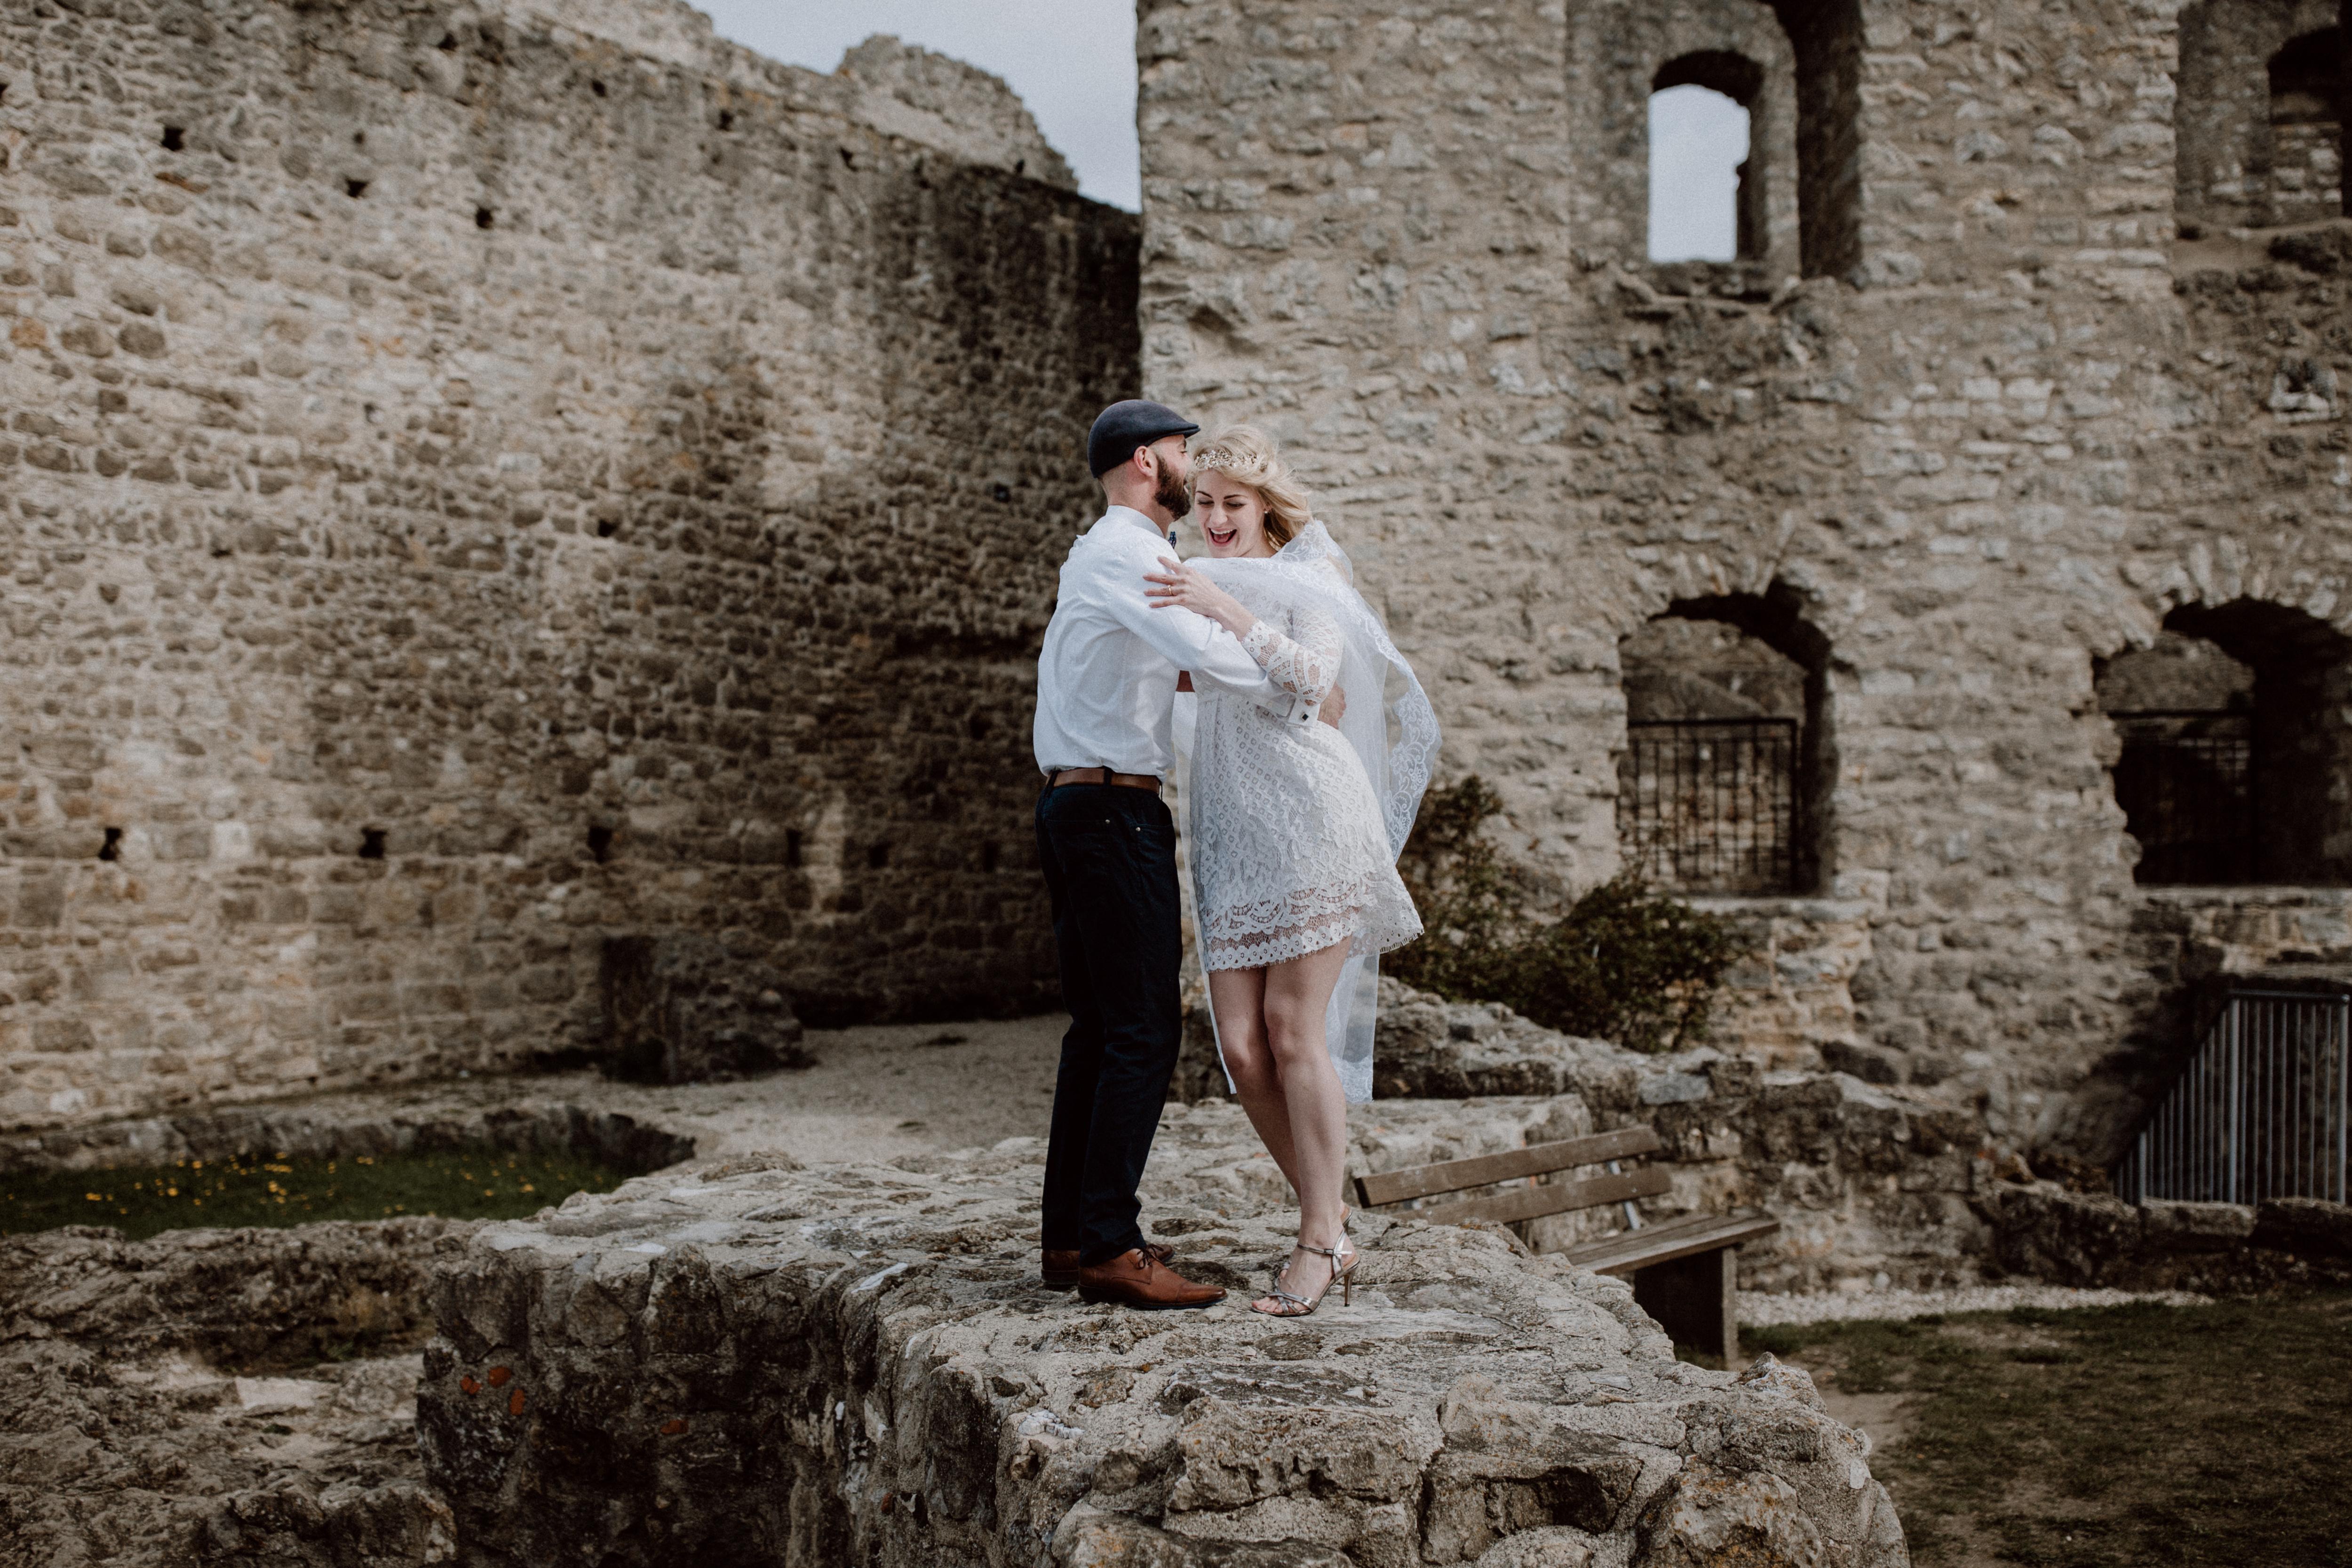 URBANERIE_Daniela_Goth_Hochzeitsfotografin_Nürnberg_Fürth_Erlangen_Schwabach_170415_001_0086